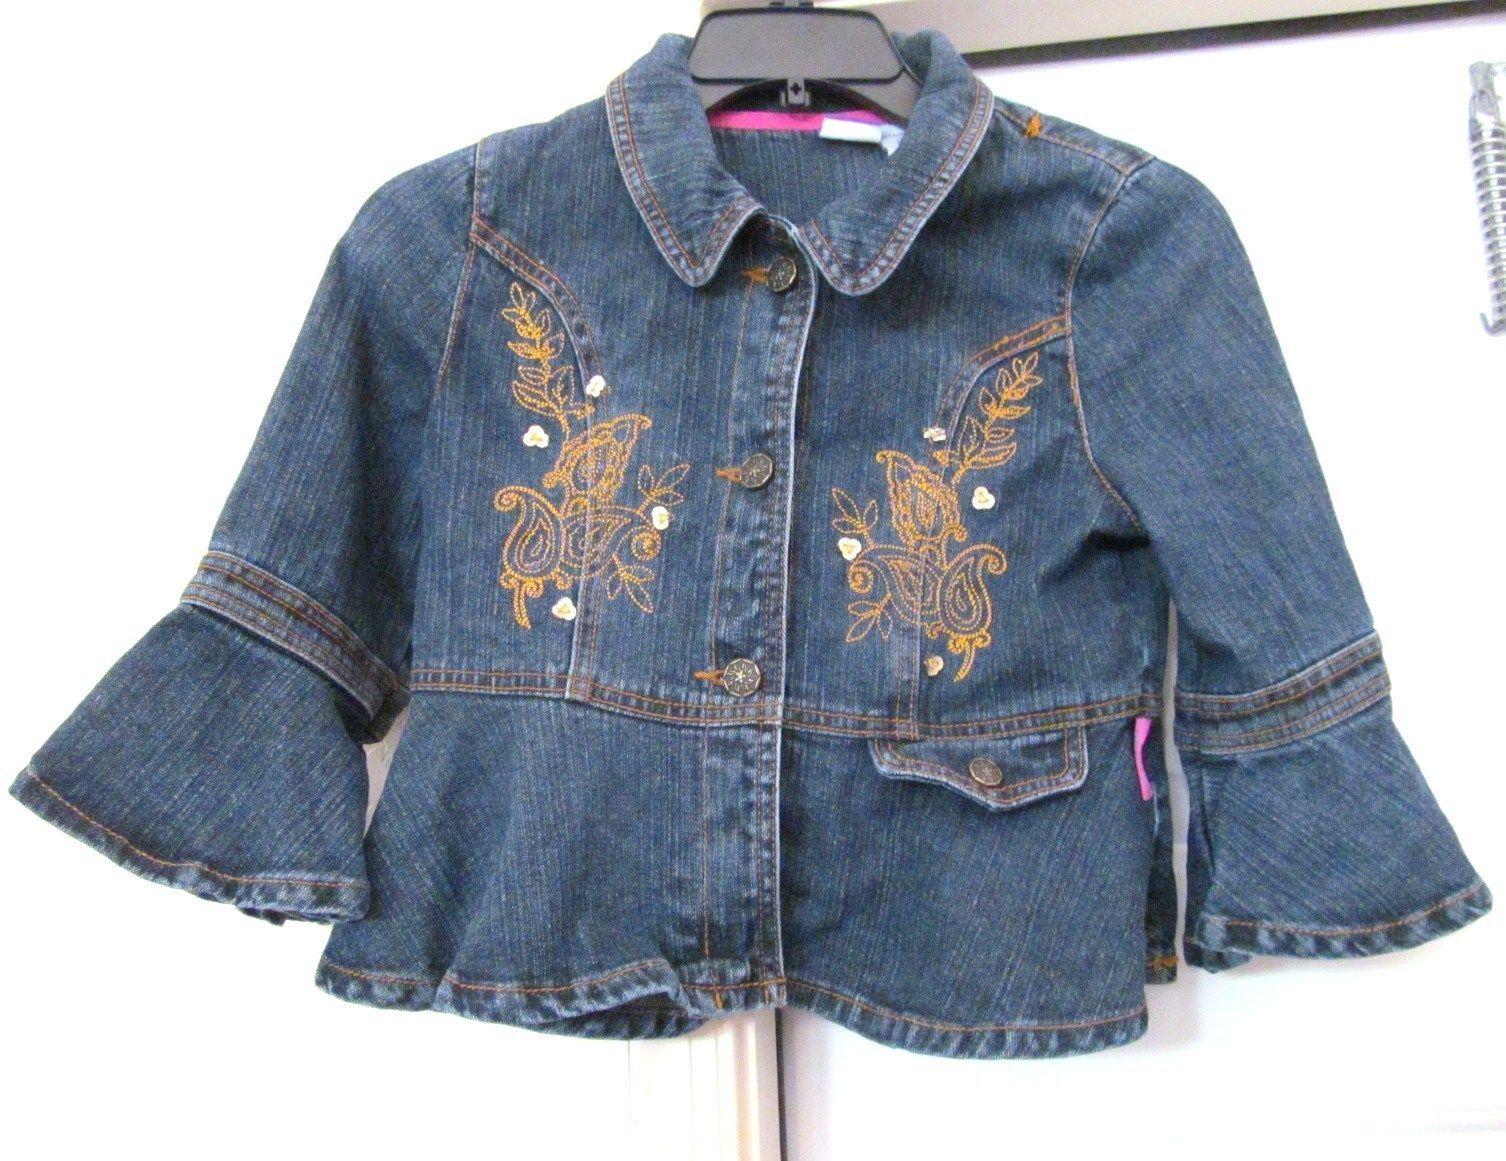 U Polo Assn S Salmon Pink Denim Girl's Long Sleeve Jacket 12 Months Cute 12m